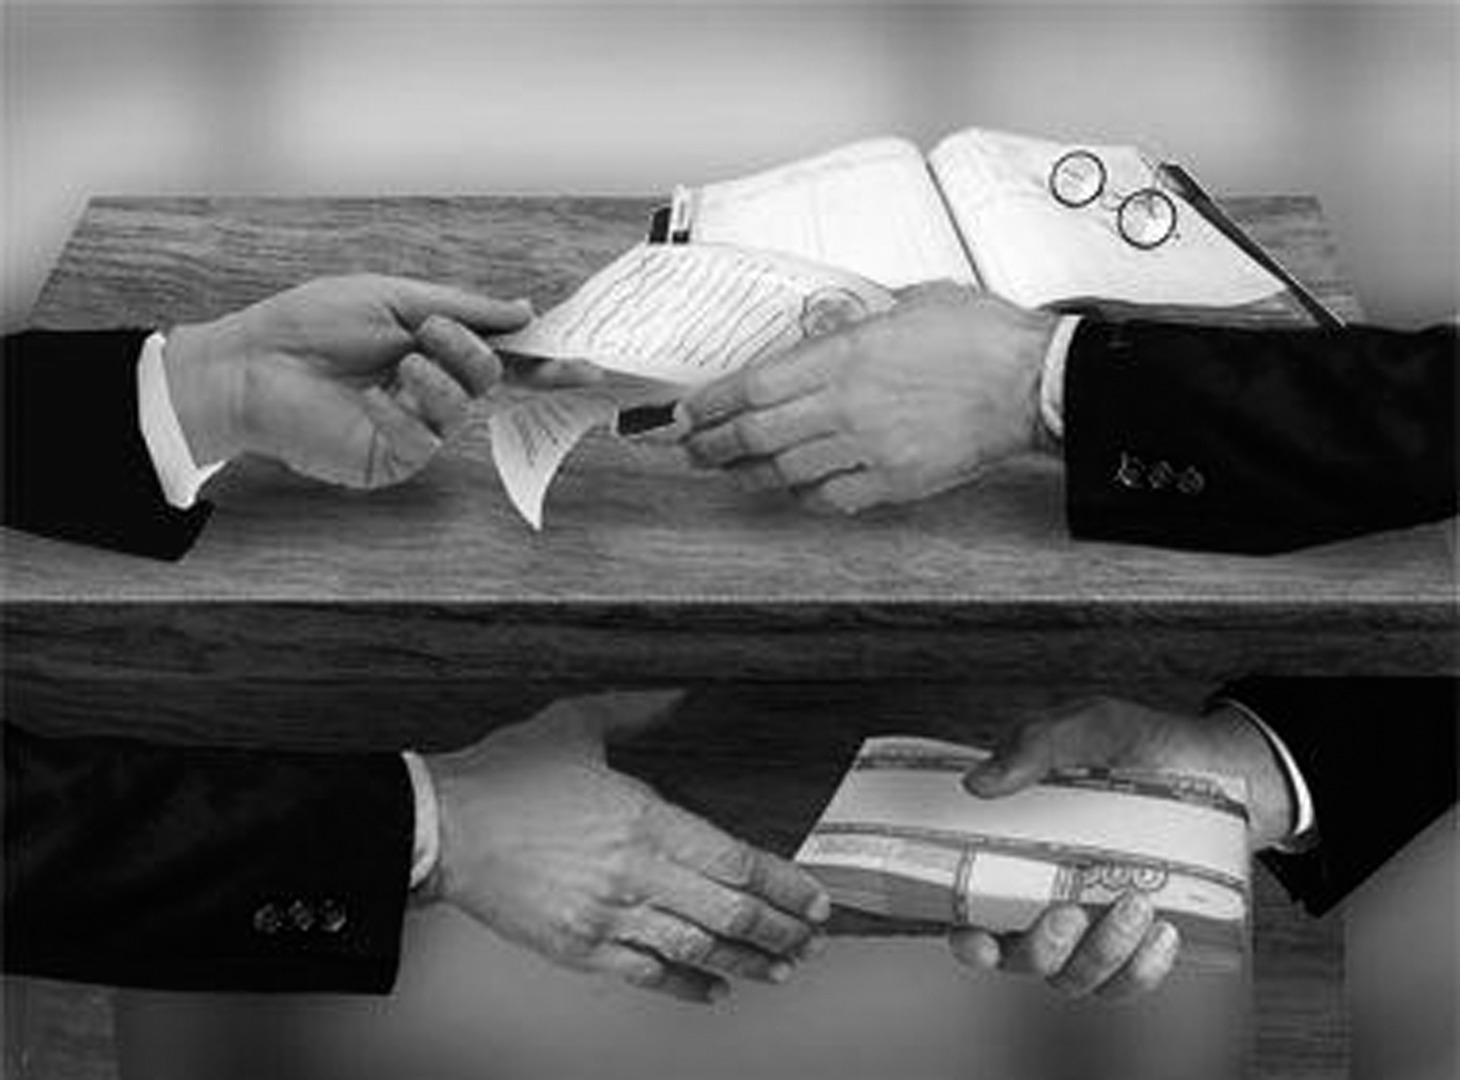 ҚР СІМ қызметкерінен 1,5 миллион АҚШ доллары тәркіленді